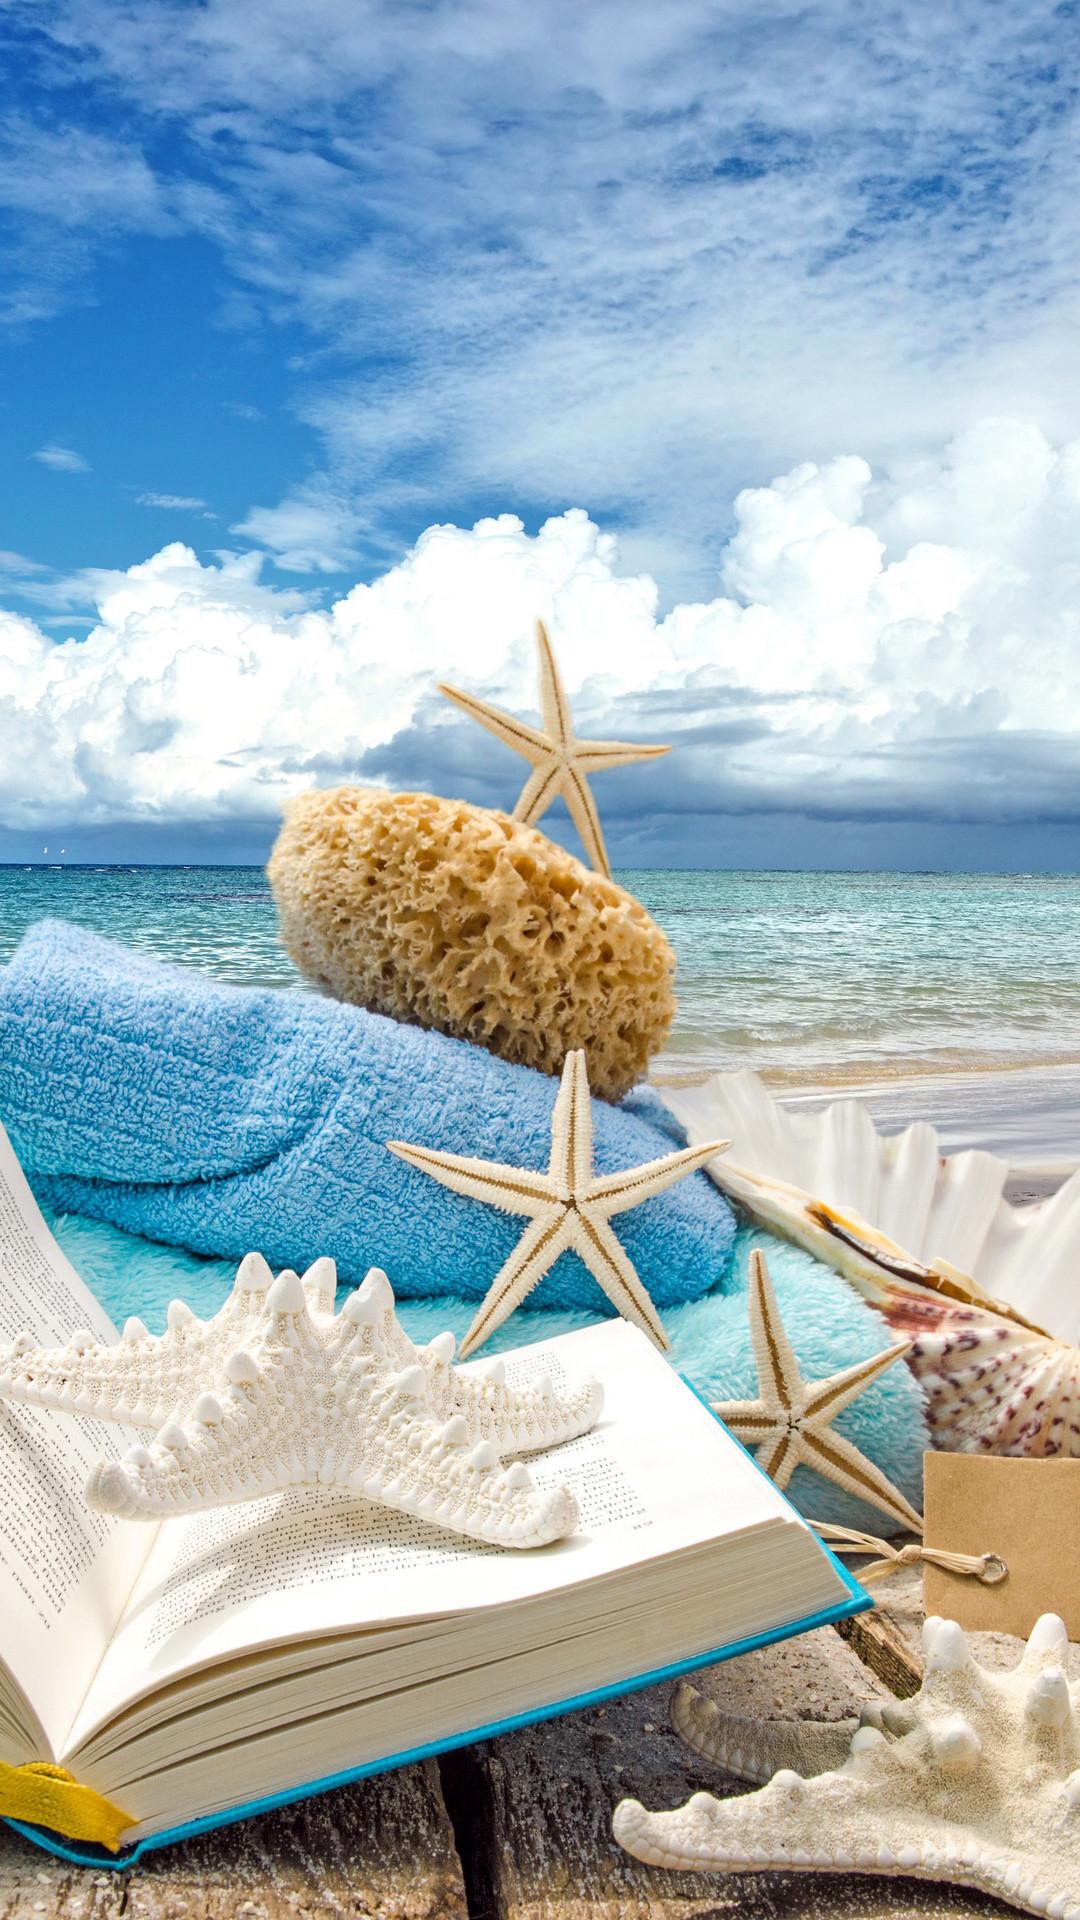 Summer Beach Wallpaper for Desktop (55+ images)